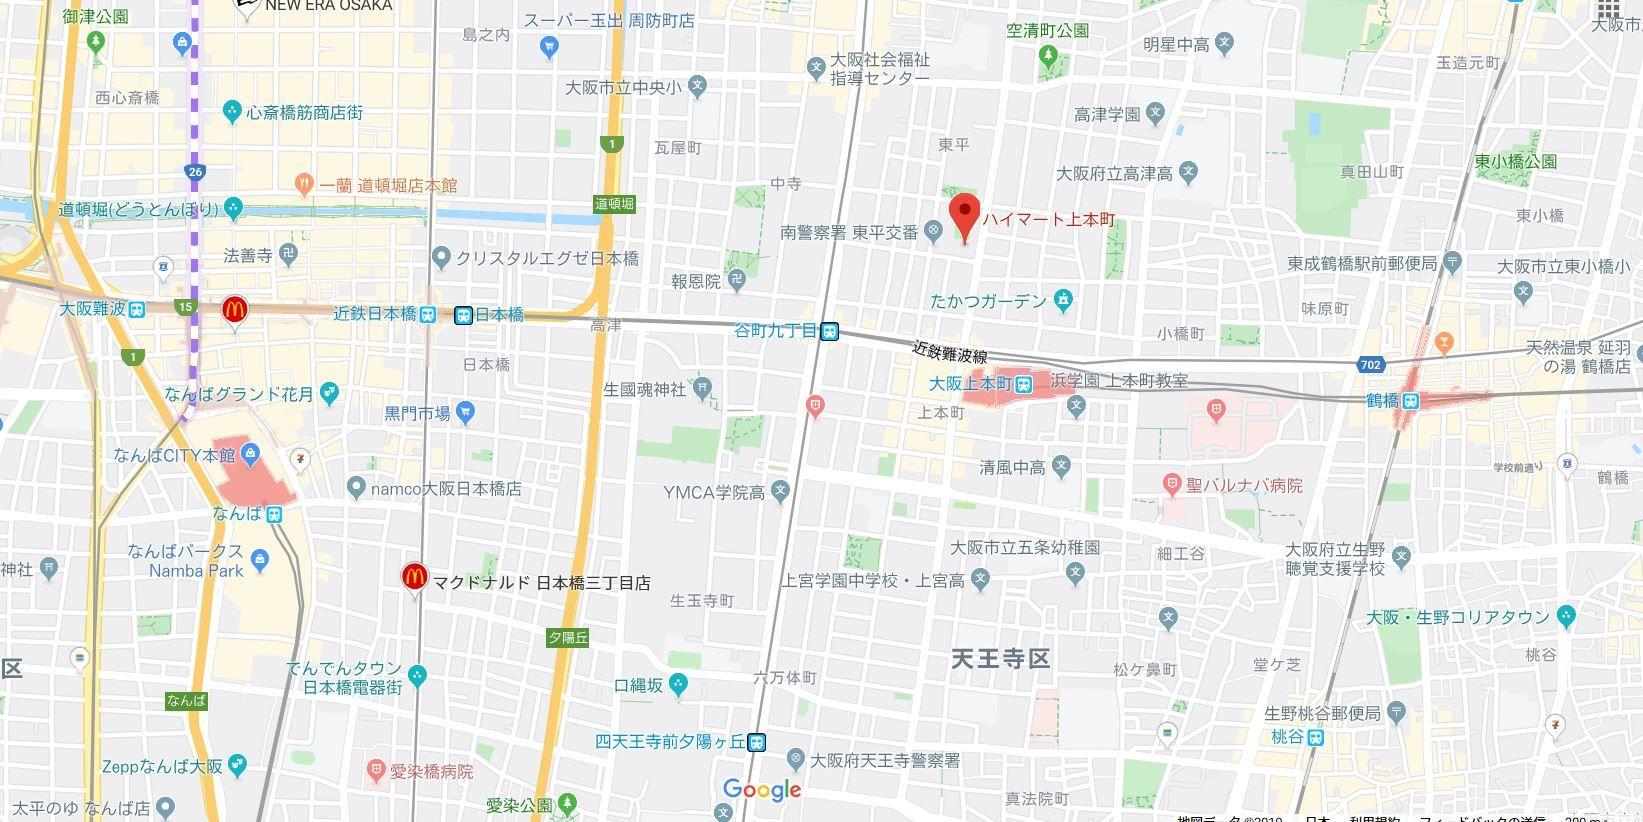 ハイマート上本町地図